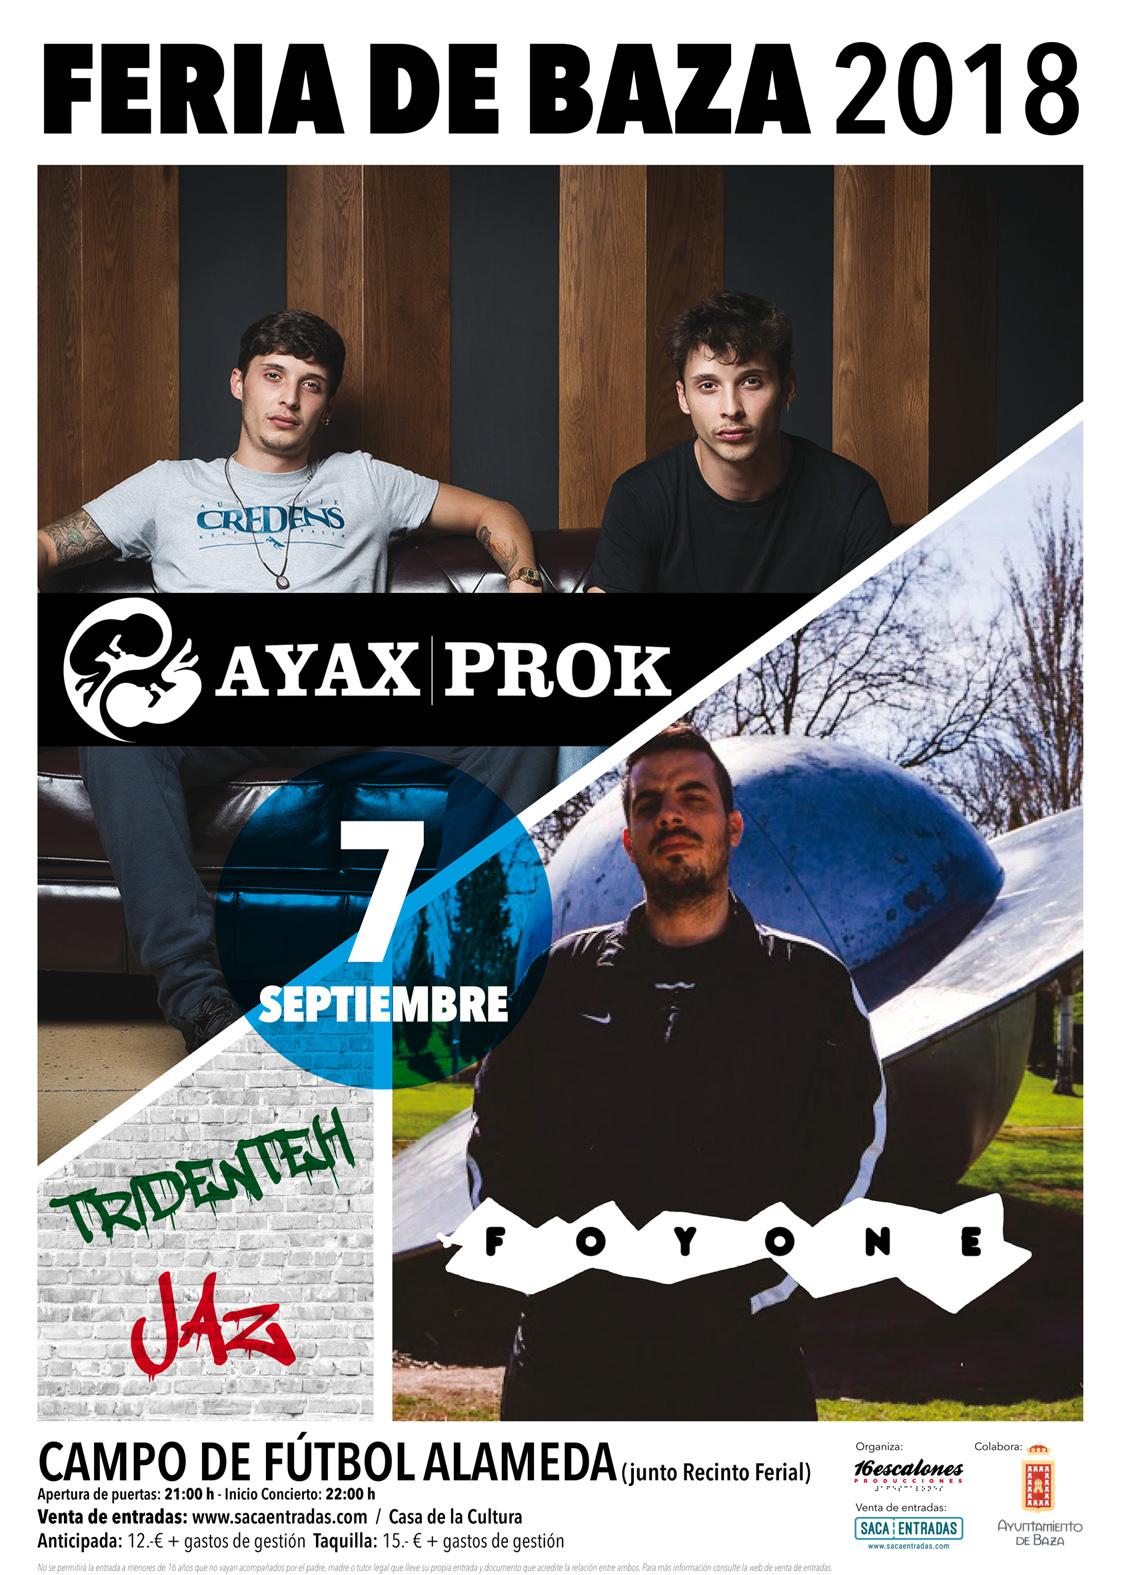 Ayax y Prok